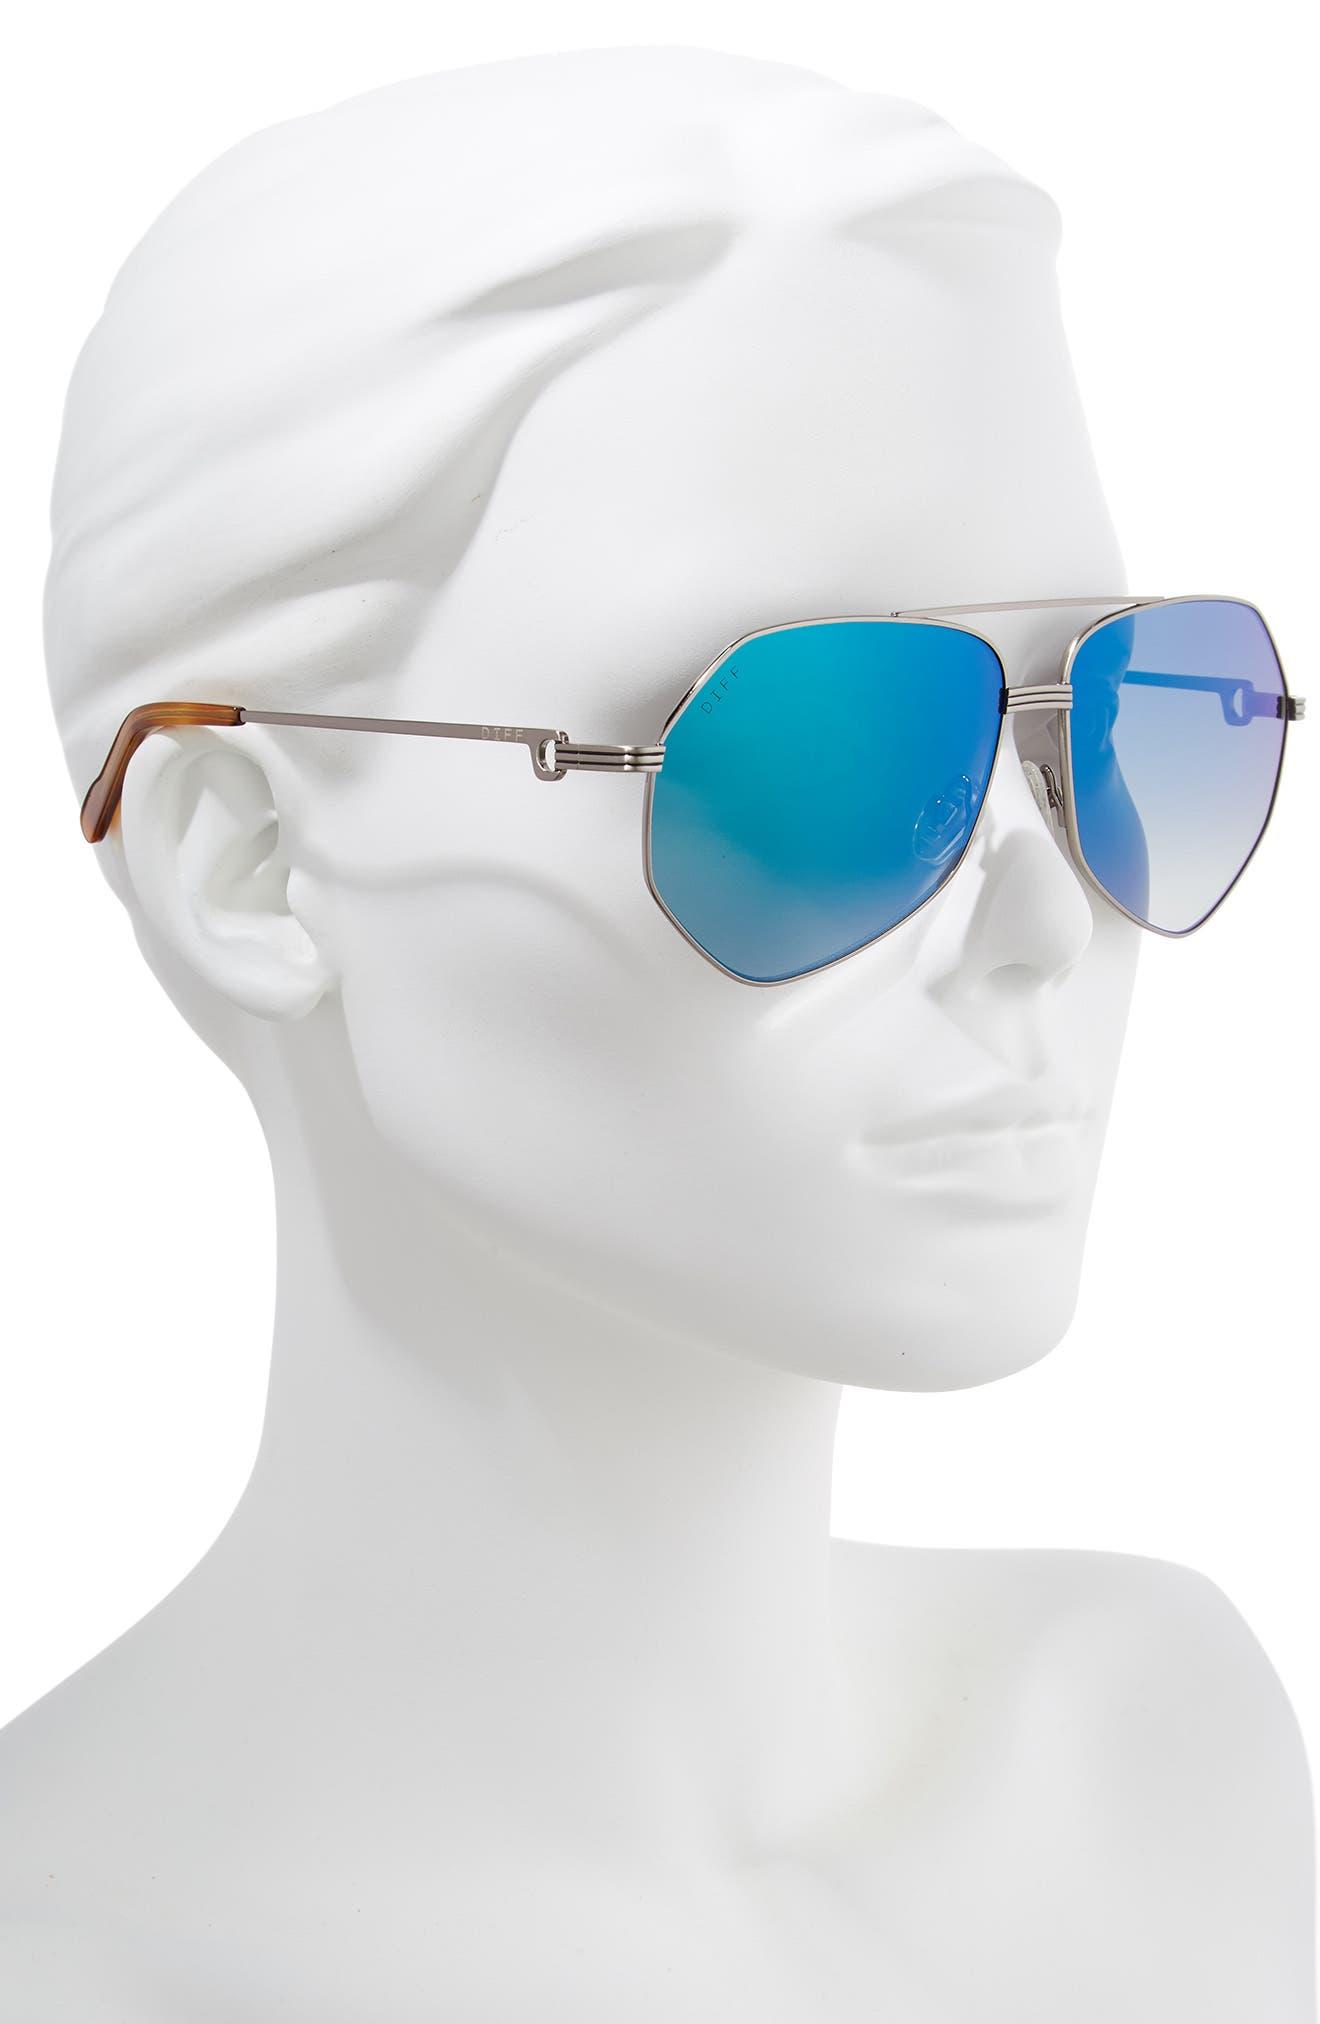 Sidney Geo Aviator Sunglasses,                             Alternate thumbnail 2, color,                             LIGHT GUNMETAL/ HONEY/ BLUE